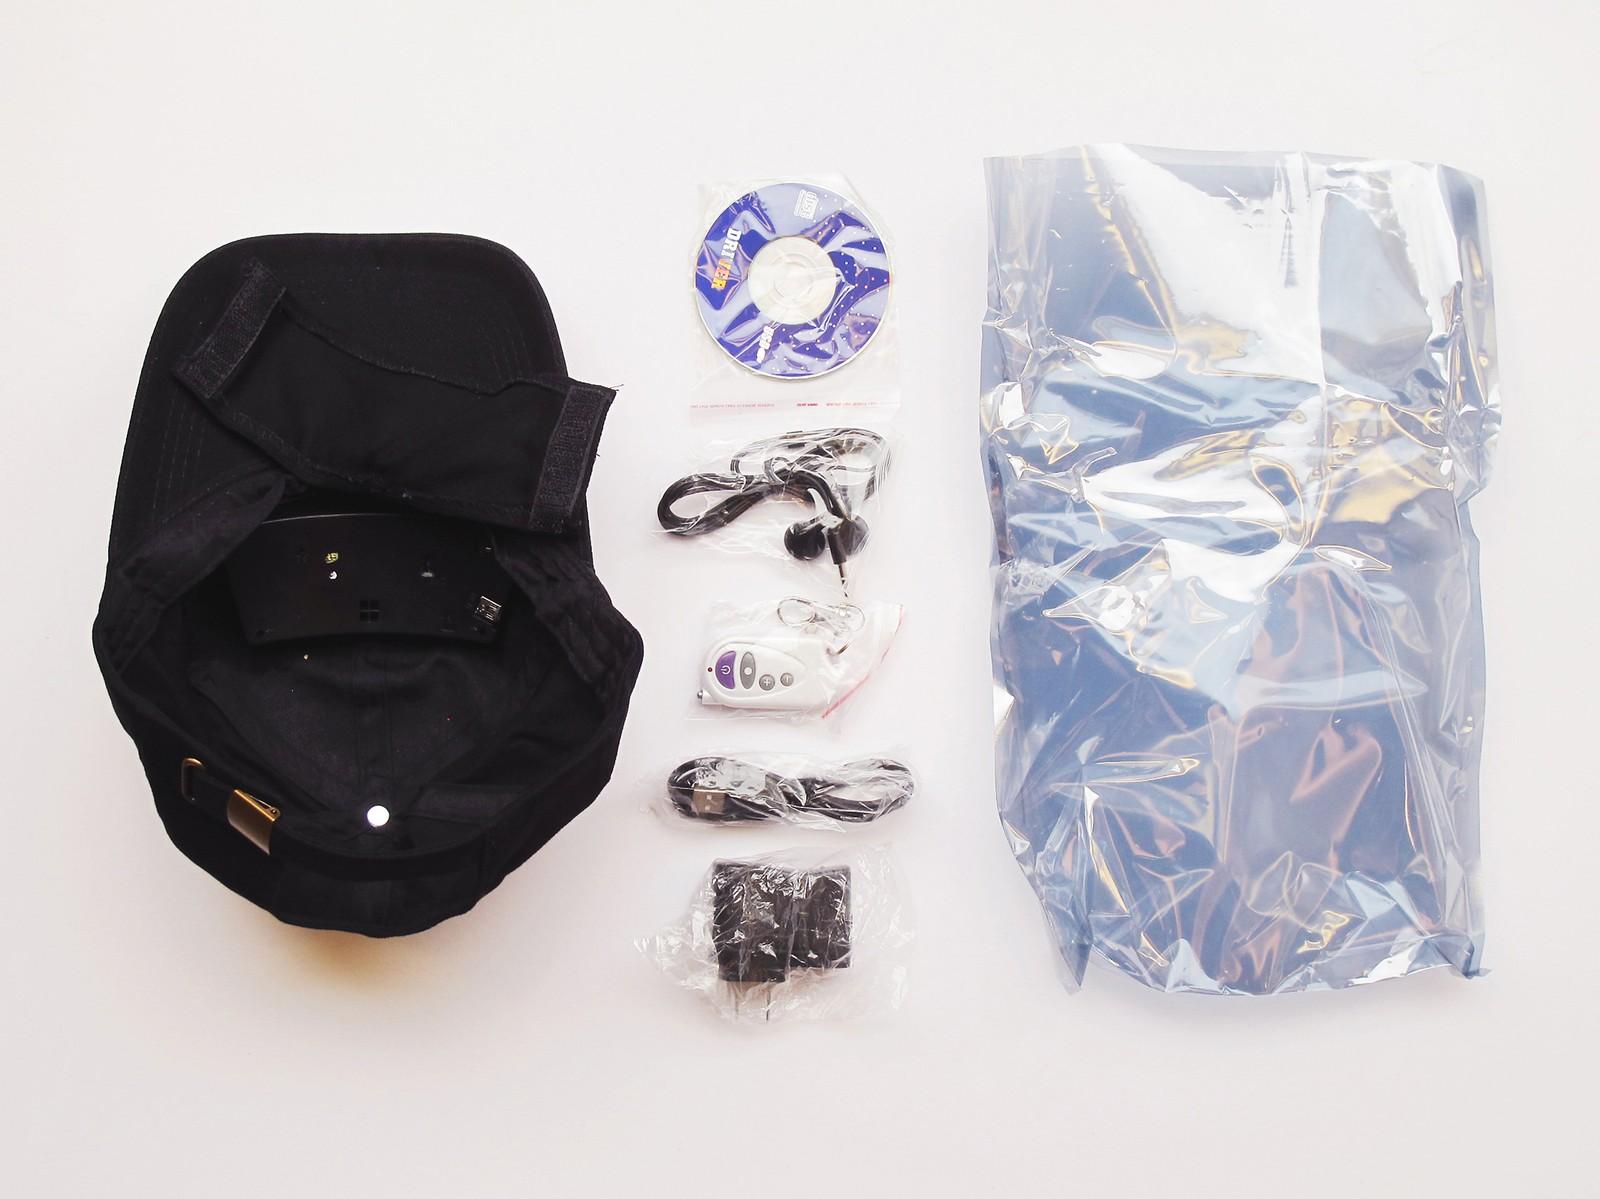 beatnik-3  (robot, extasy, művészet, képzőművészet, internet, rendőrség, bűncselekmény, darkweb, bitcoin, tudomány)